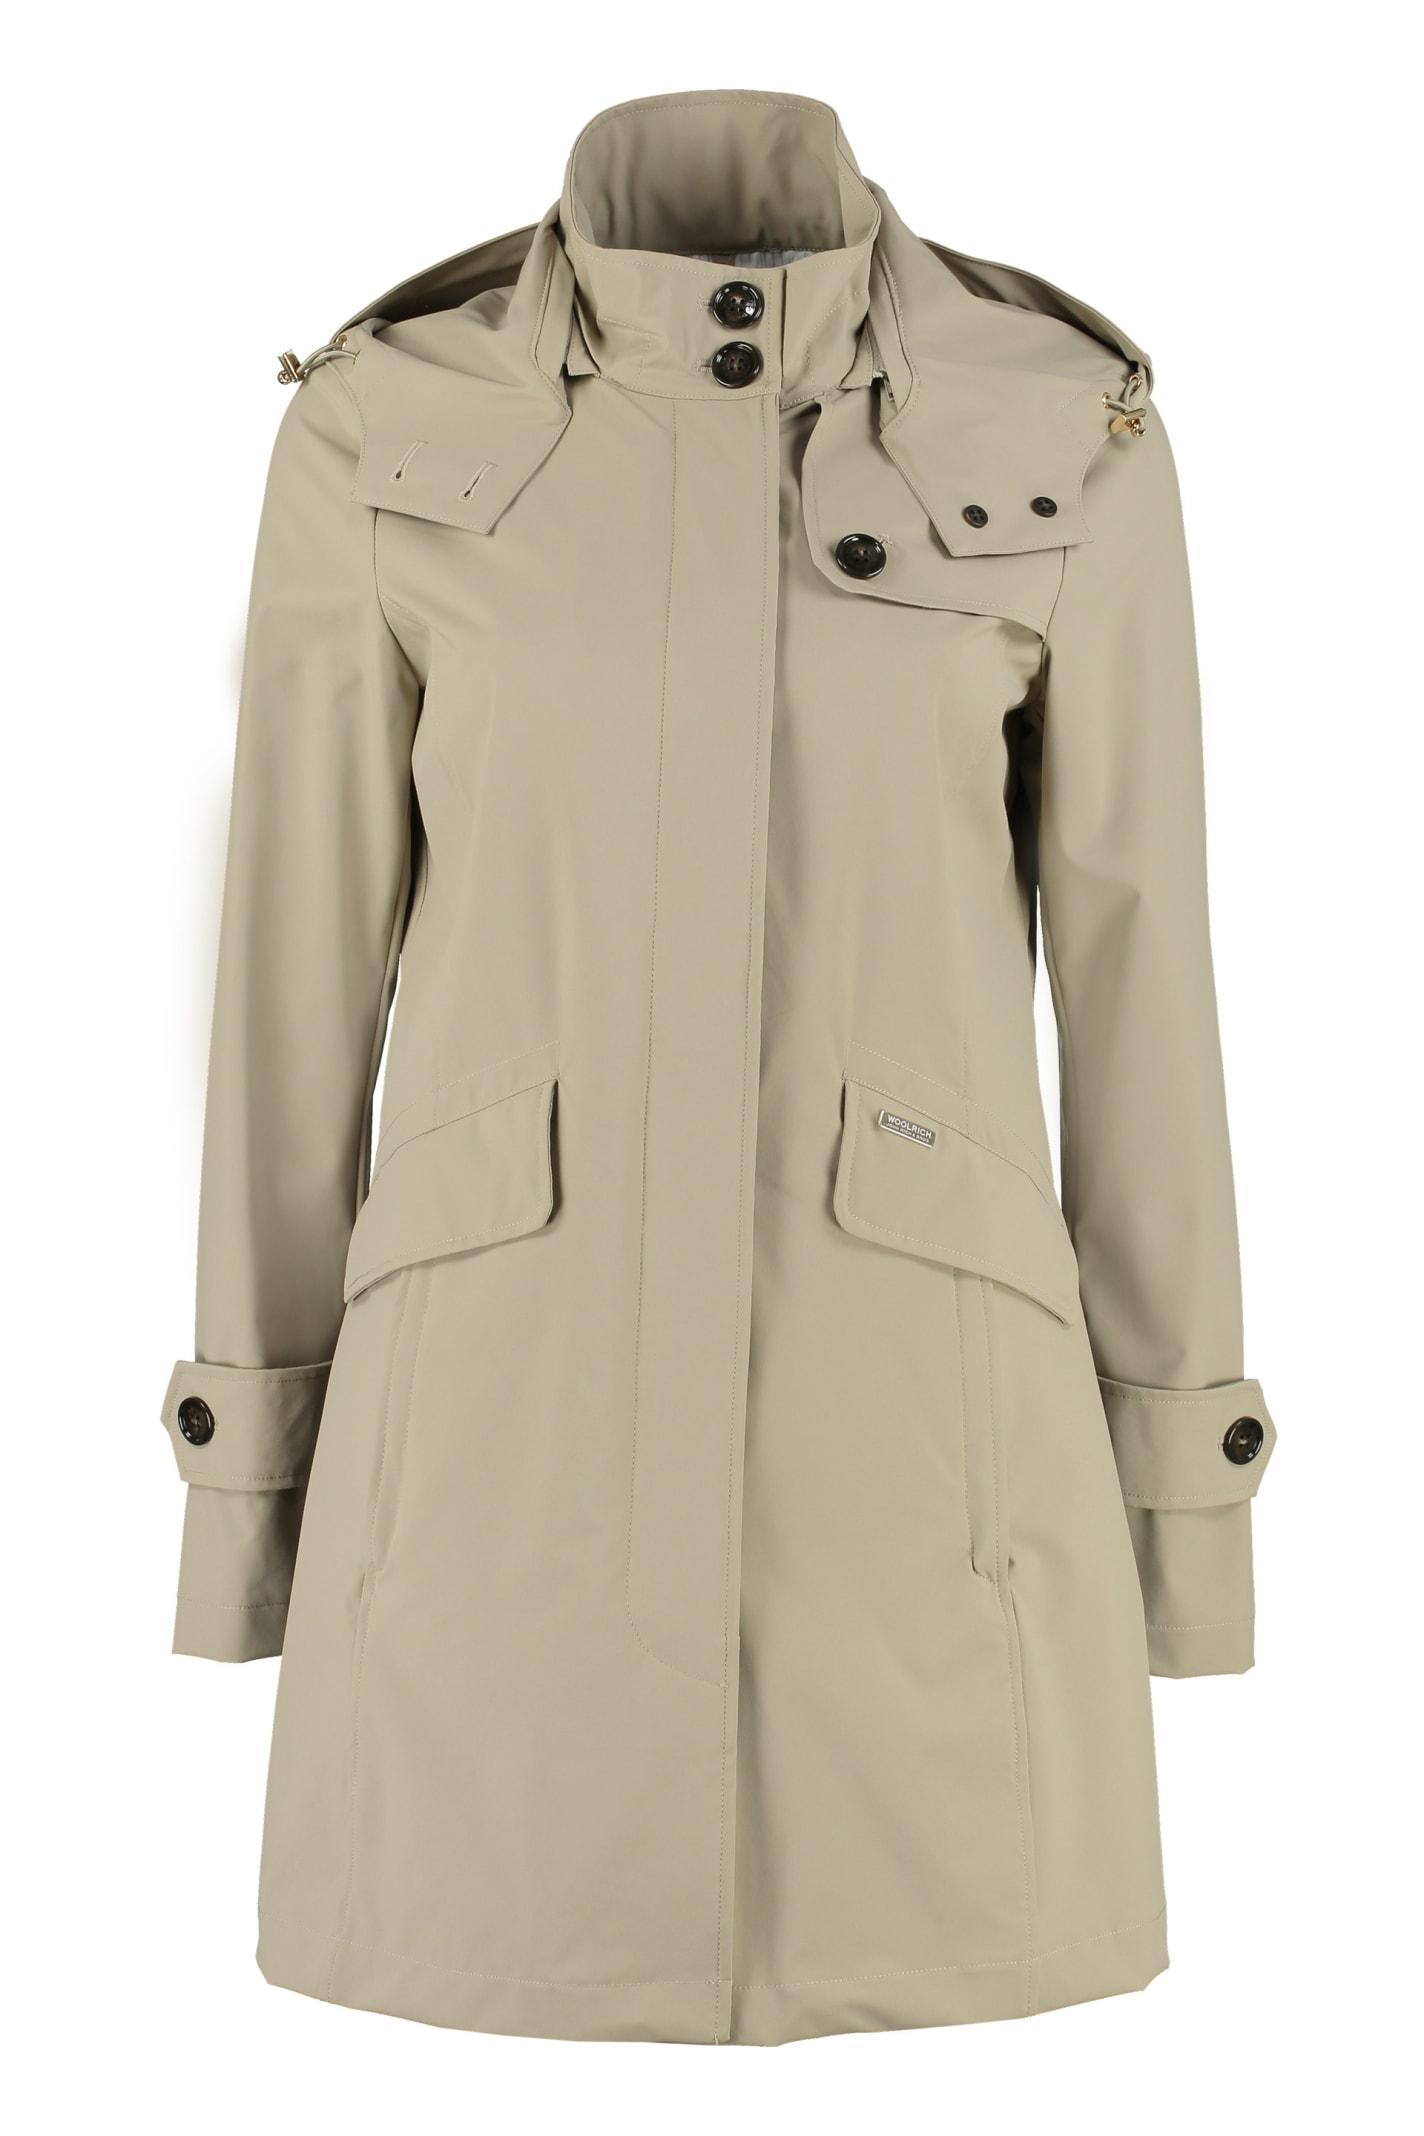 Woolrich Fayette Nylon Trench-coat